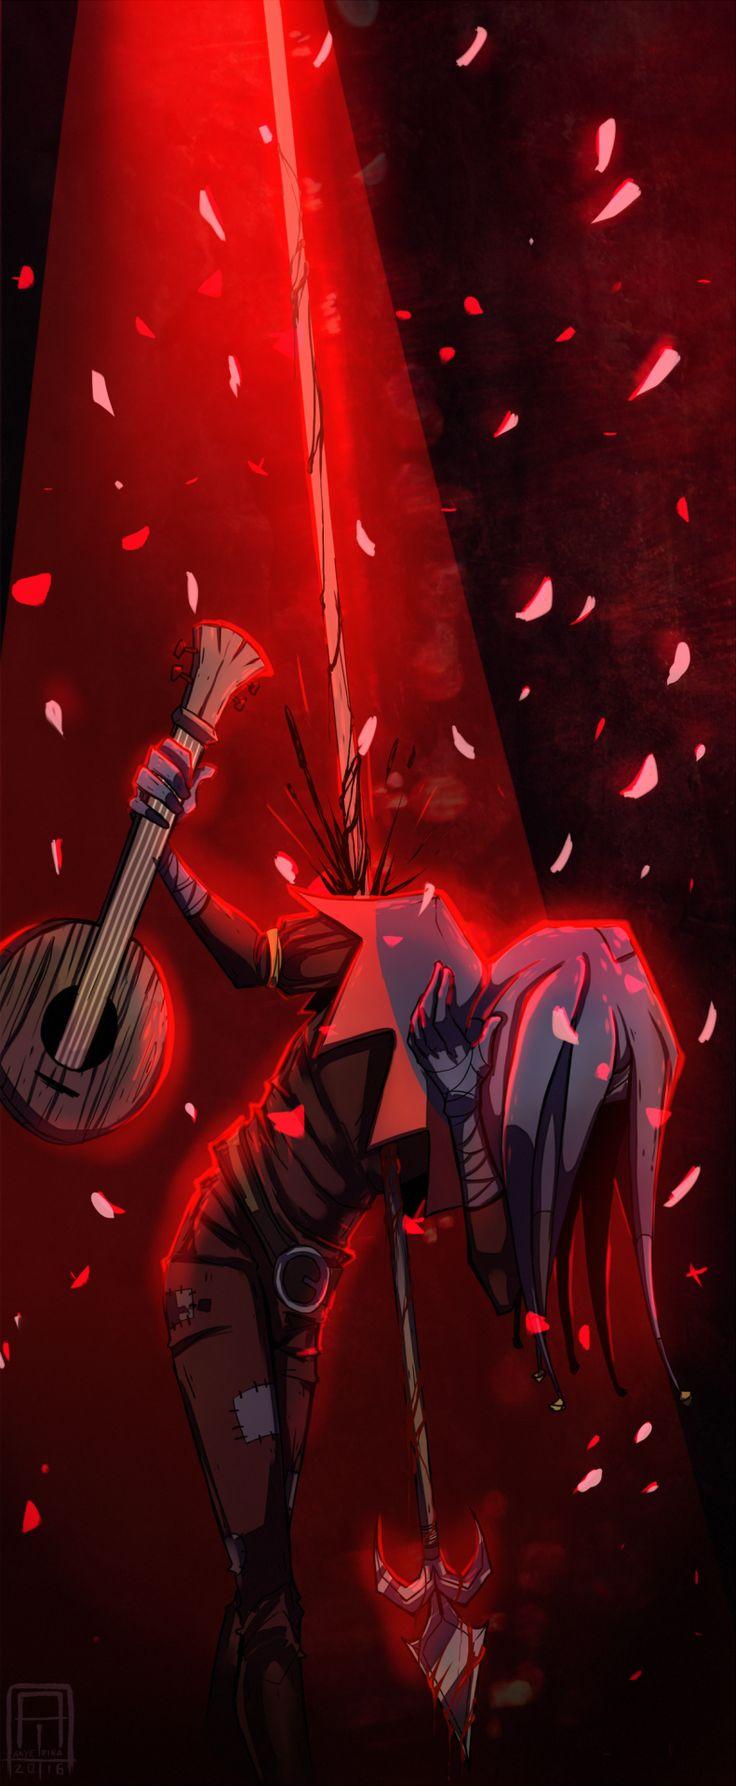 Best 25+ Darkest dungeon ideas on Pinterest | Plague mask ...